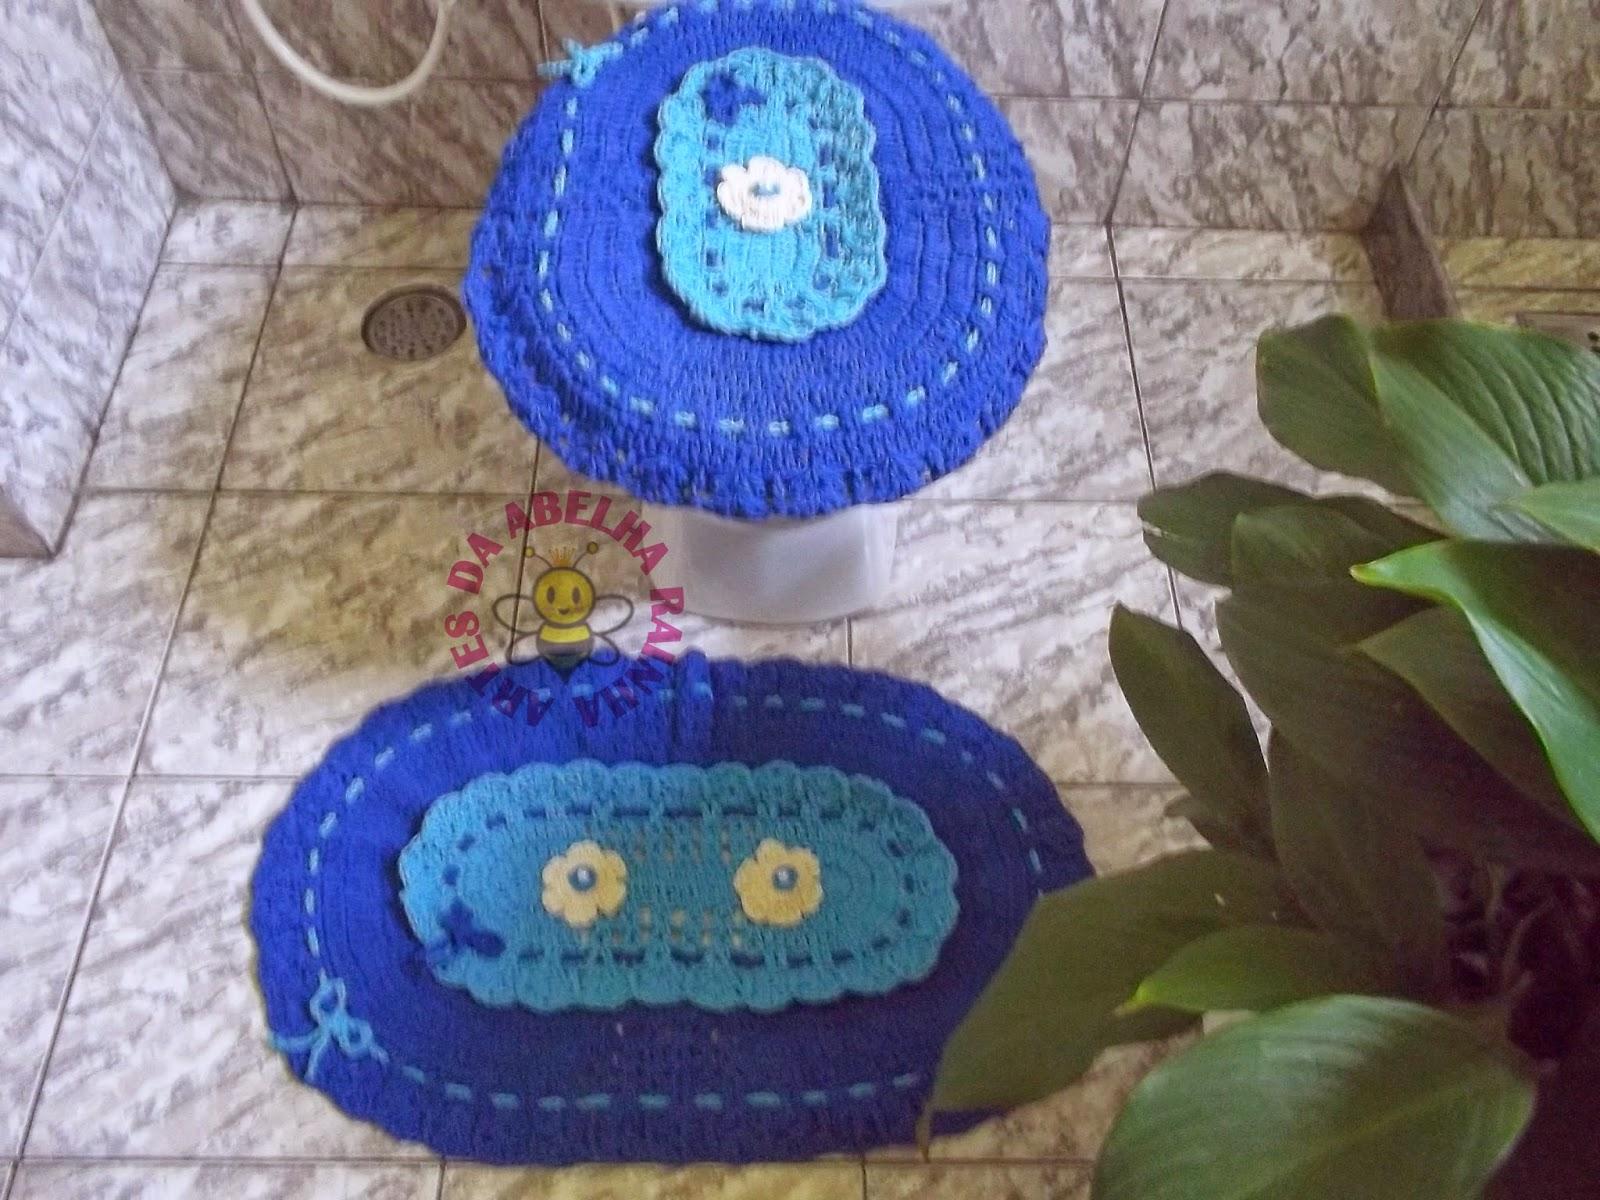 Artes da Abelha Rainha: Jogo de banheiro de crochê em barbante azul #2448A7 1600x1200 Banheiro Com Luz Azul